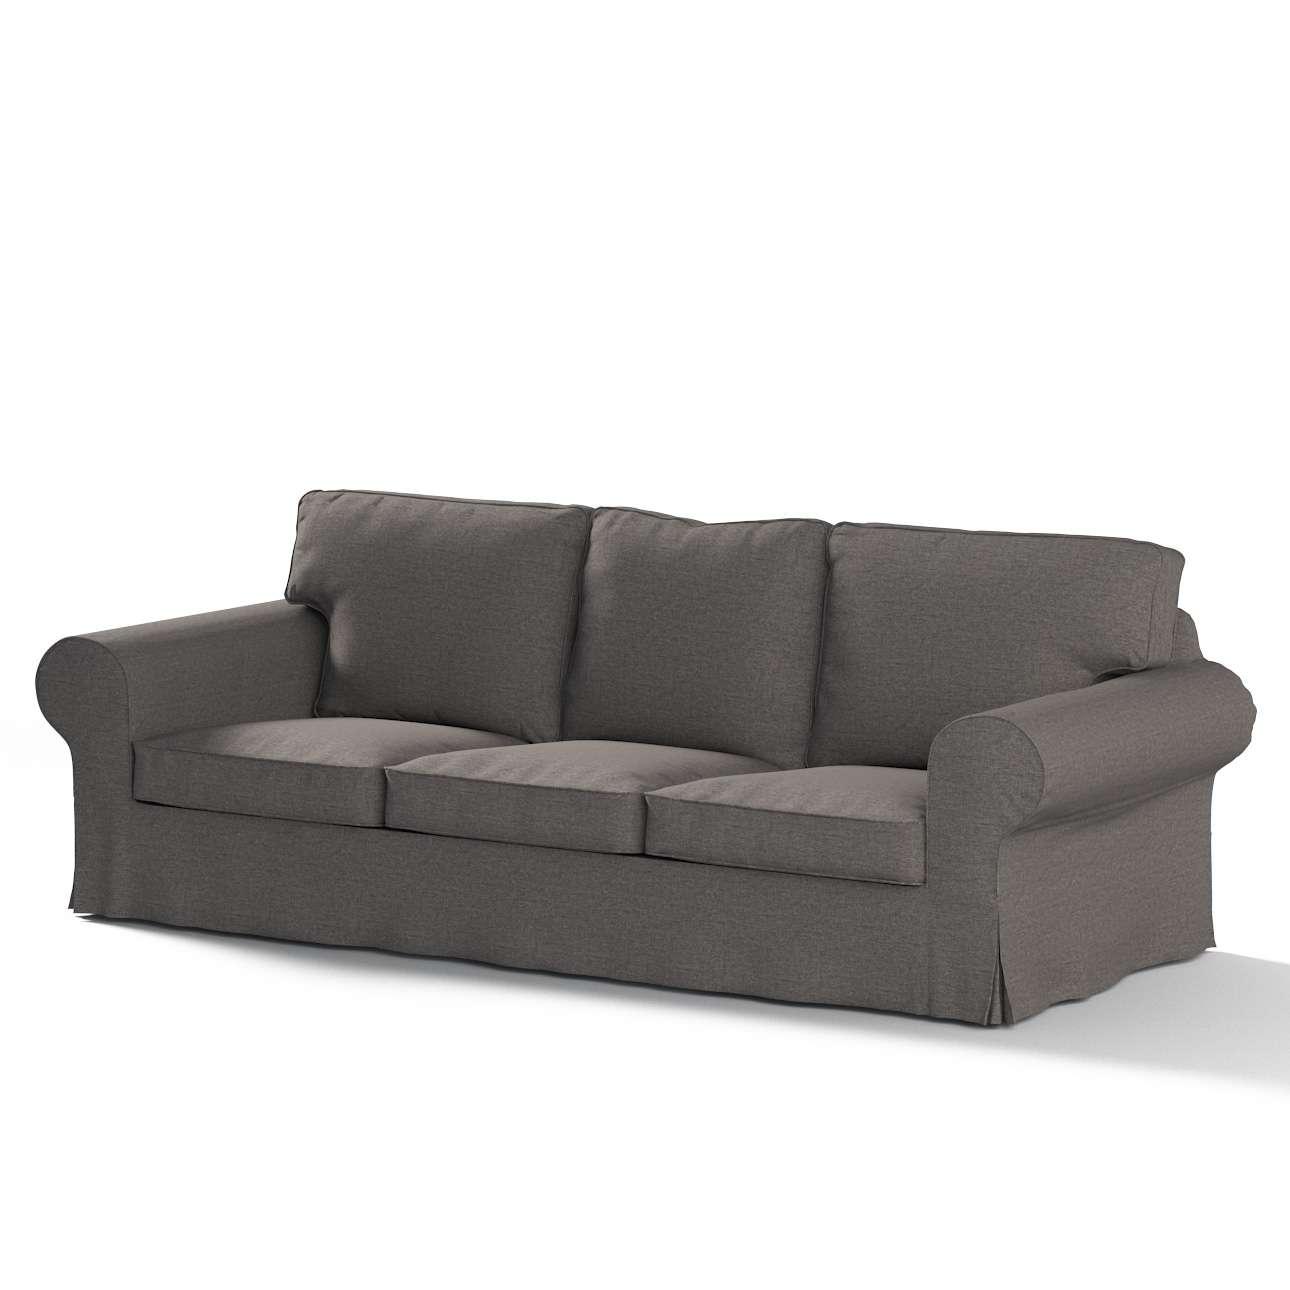 Pokrowiec na sofę Ektorp 3-osobową, nierozkładaną Sofa Ektorp 3-osobowa w kolekcji Edinburgh, tkanina: 115-77